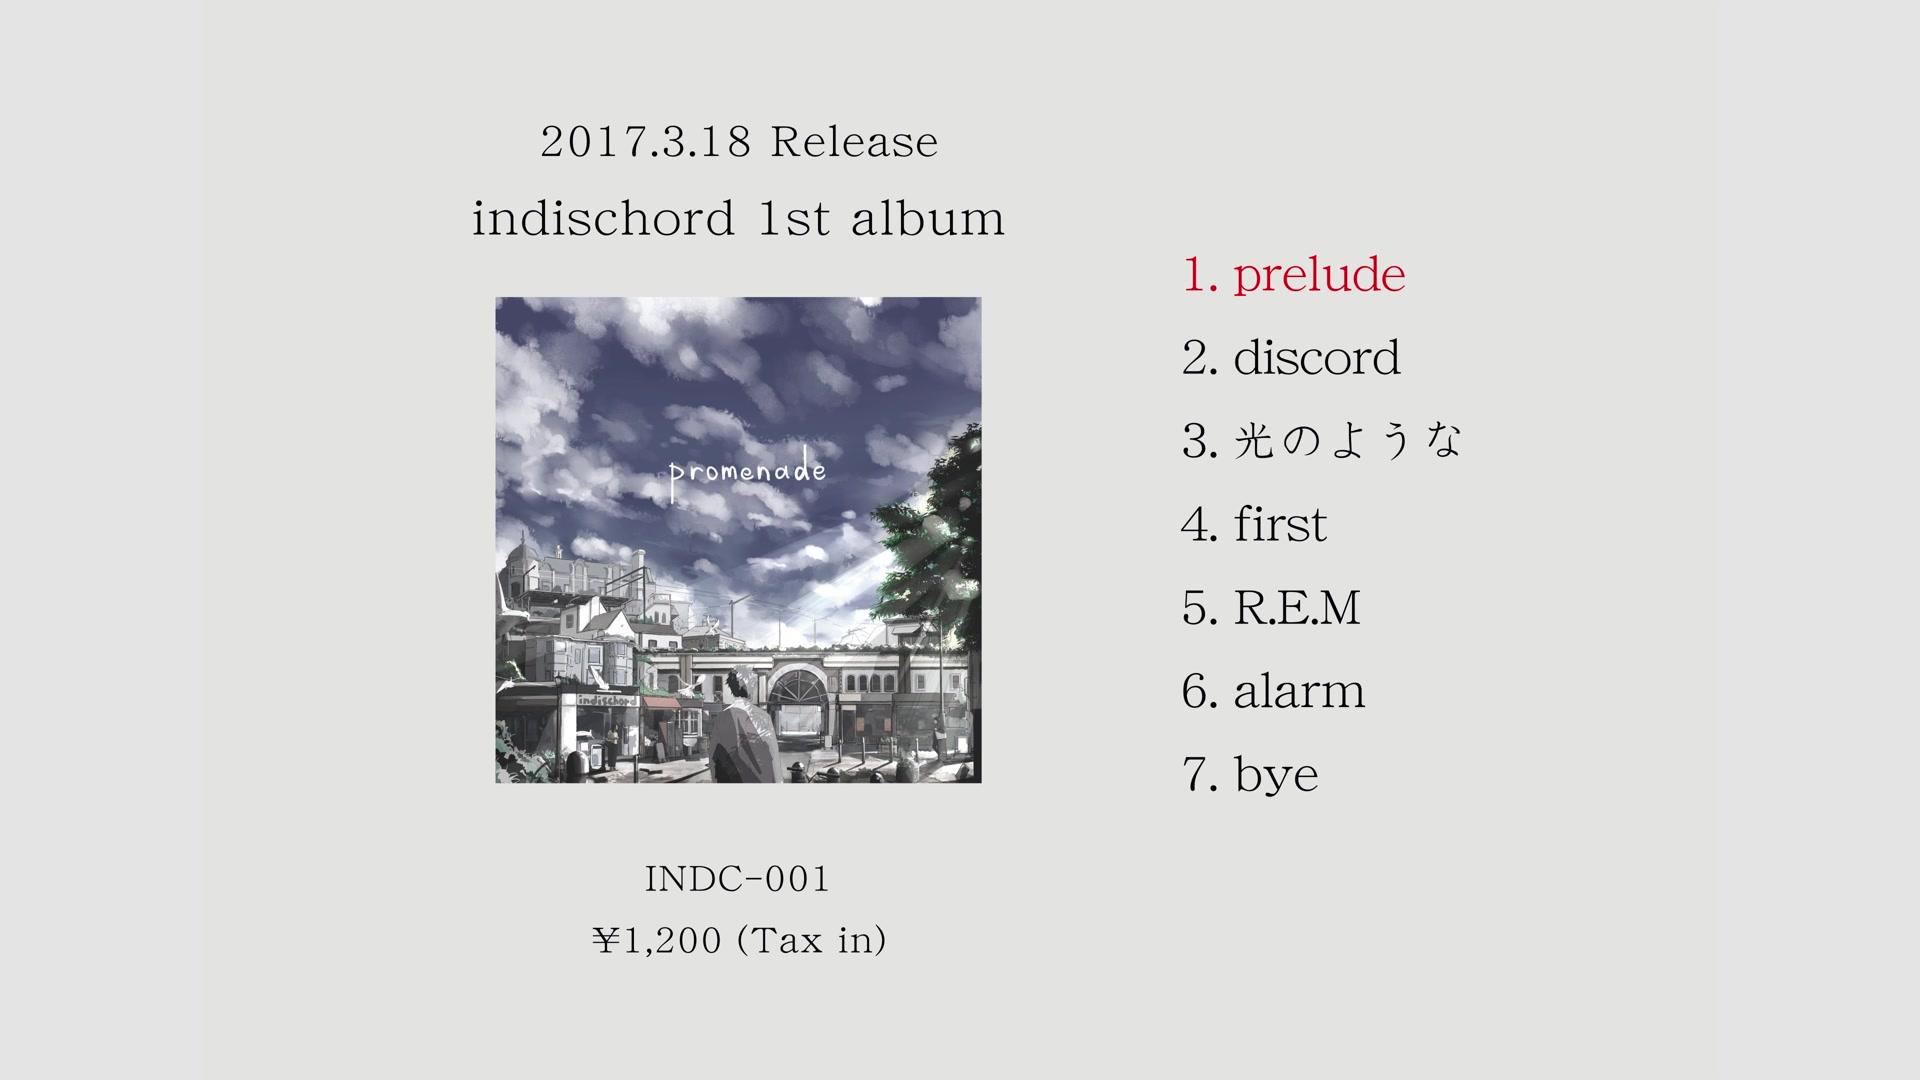 indischord 1st album 『promenade』 Official Trailer